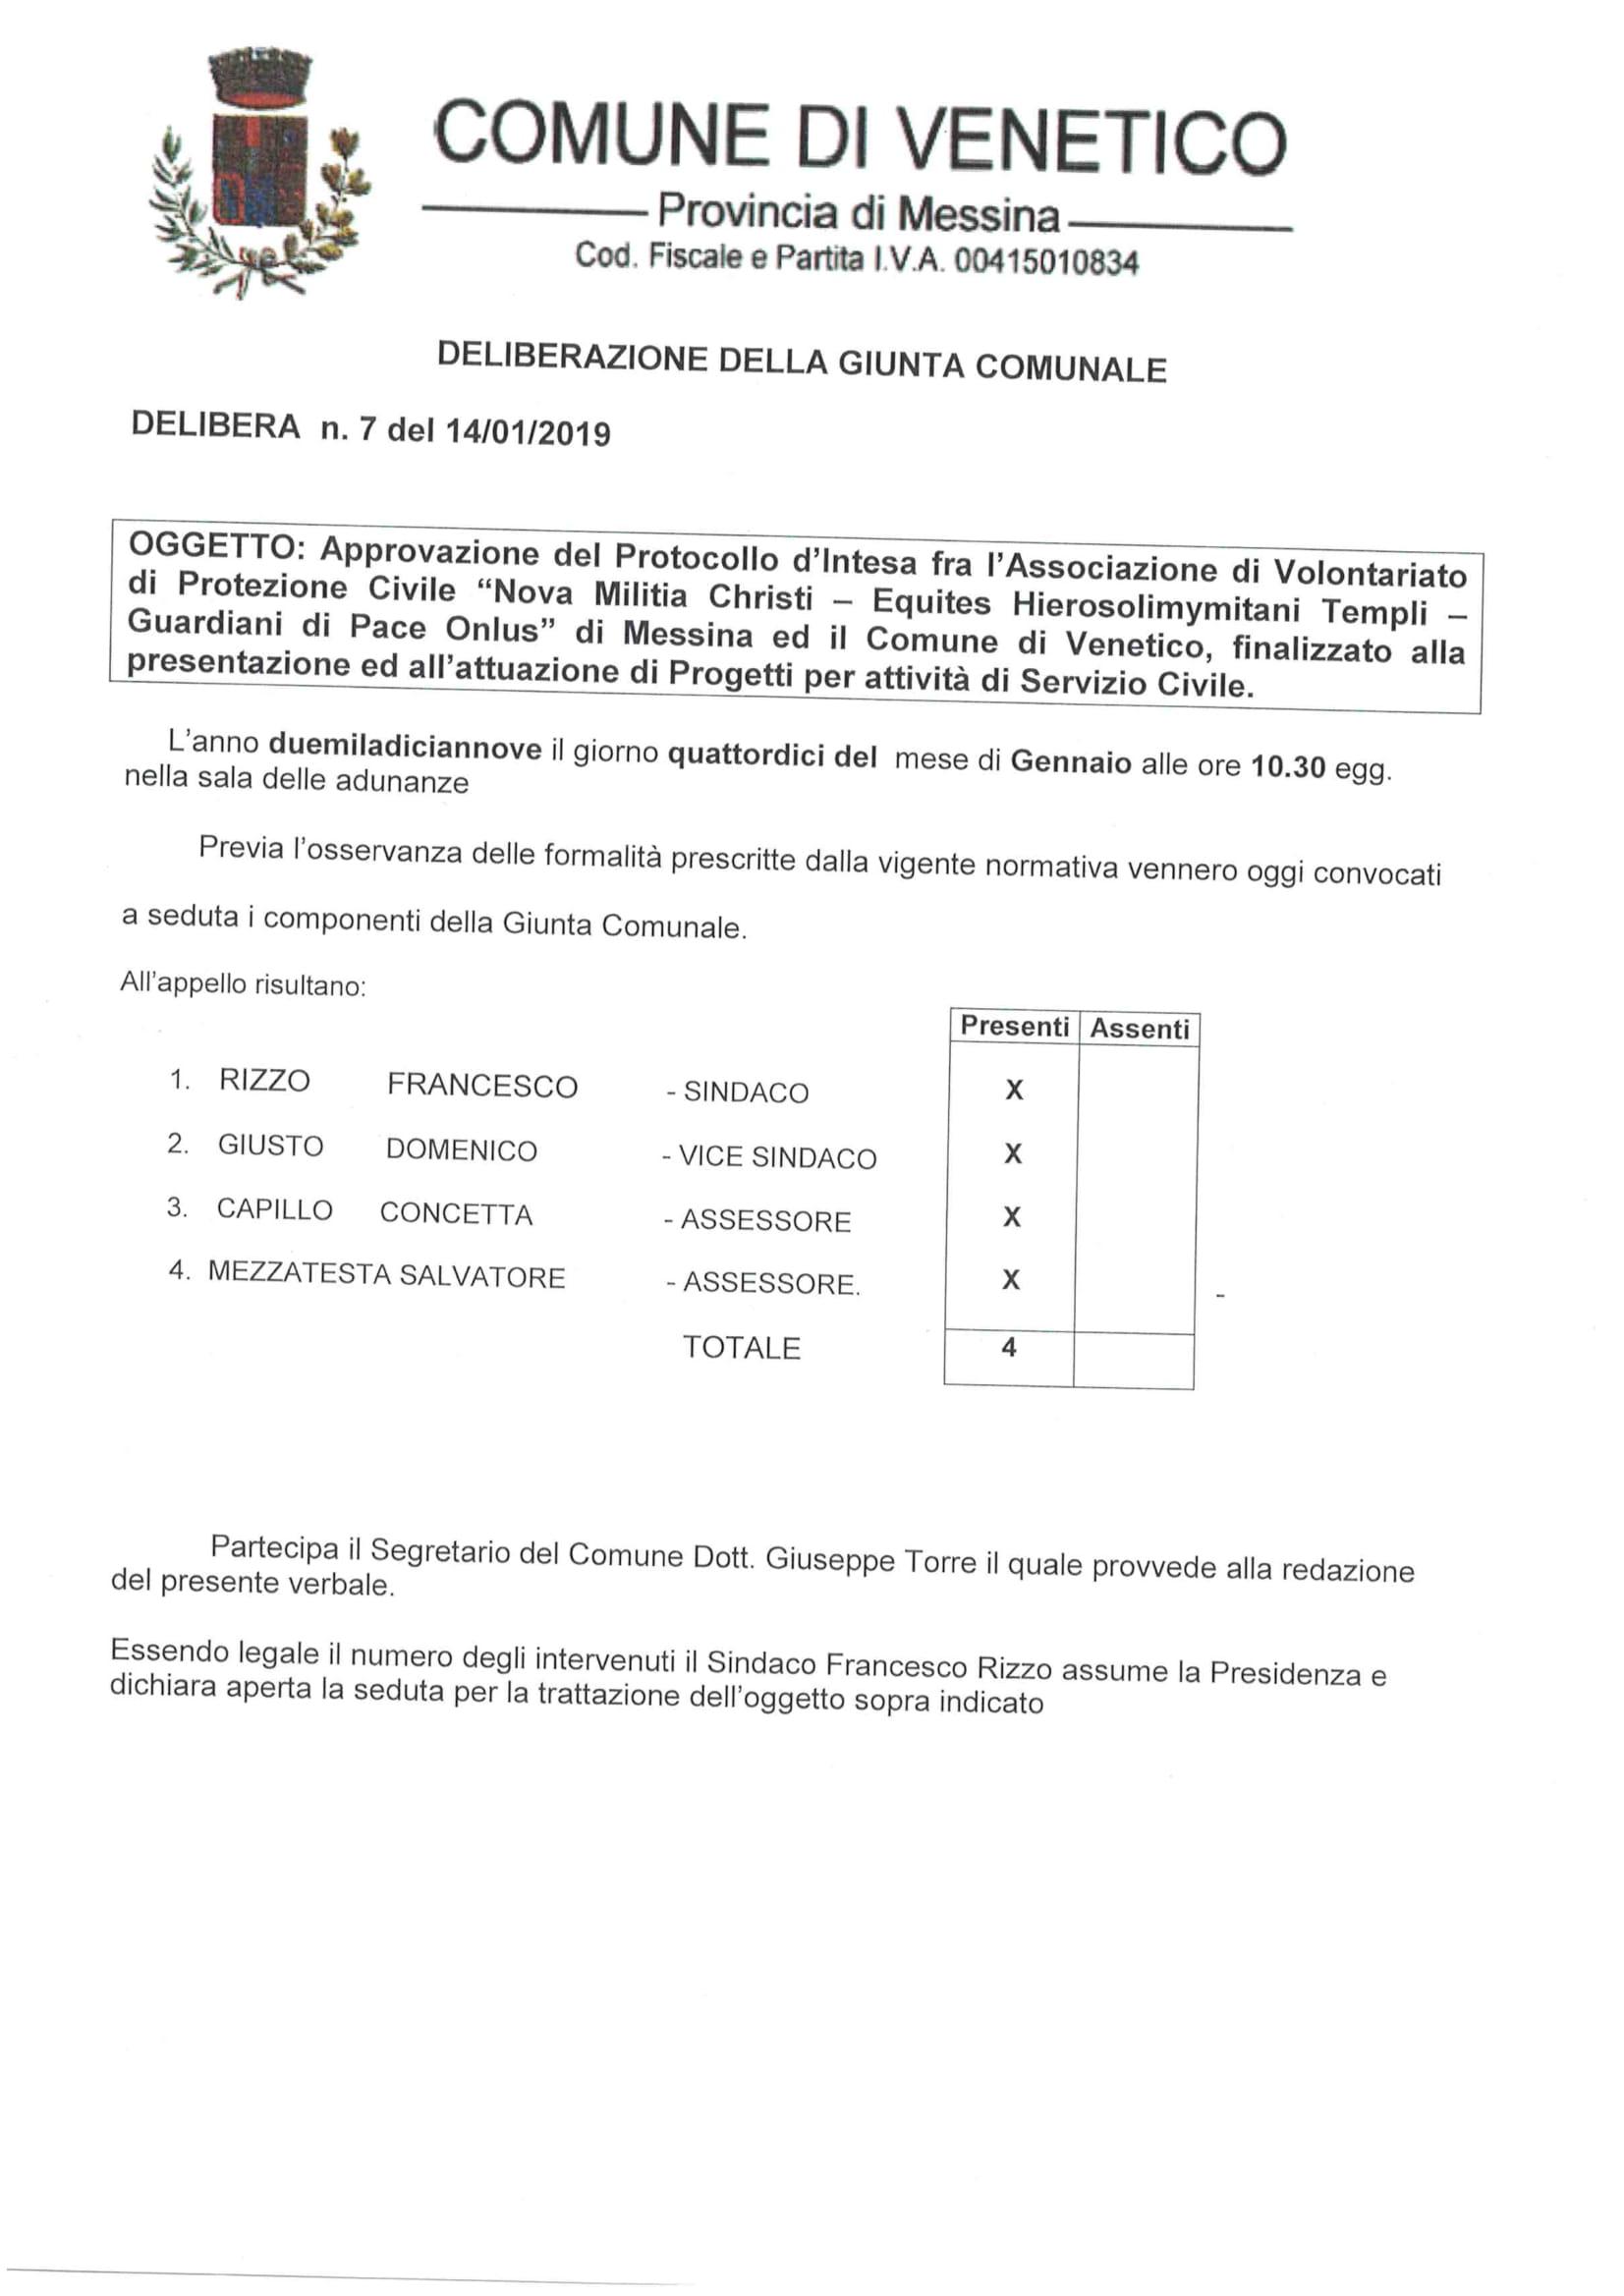 VENETICO_PROT_CIV_pubblicazione n_33 del 16-01-2019-documento (1)-01